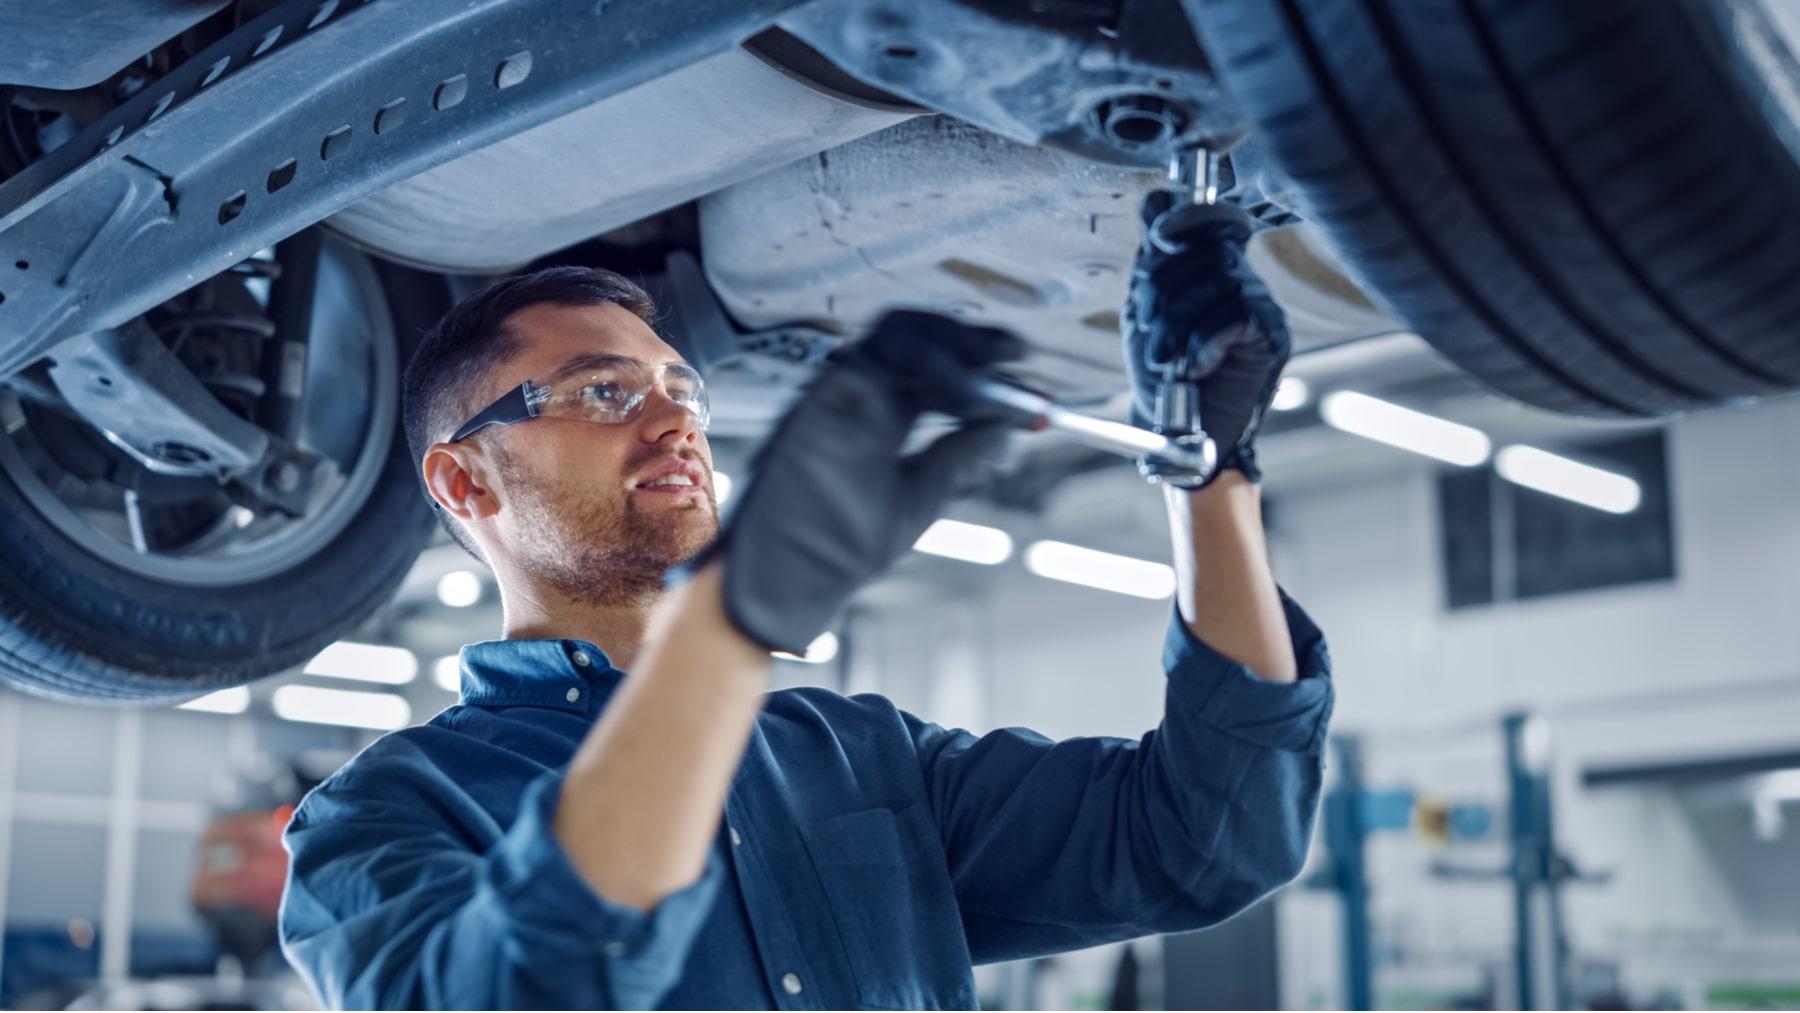 La importancia de trabajar con mecánicos certificados en la marca de tu automóvil